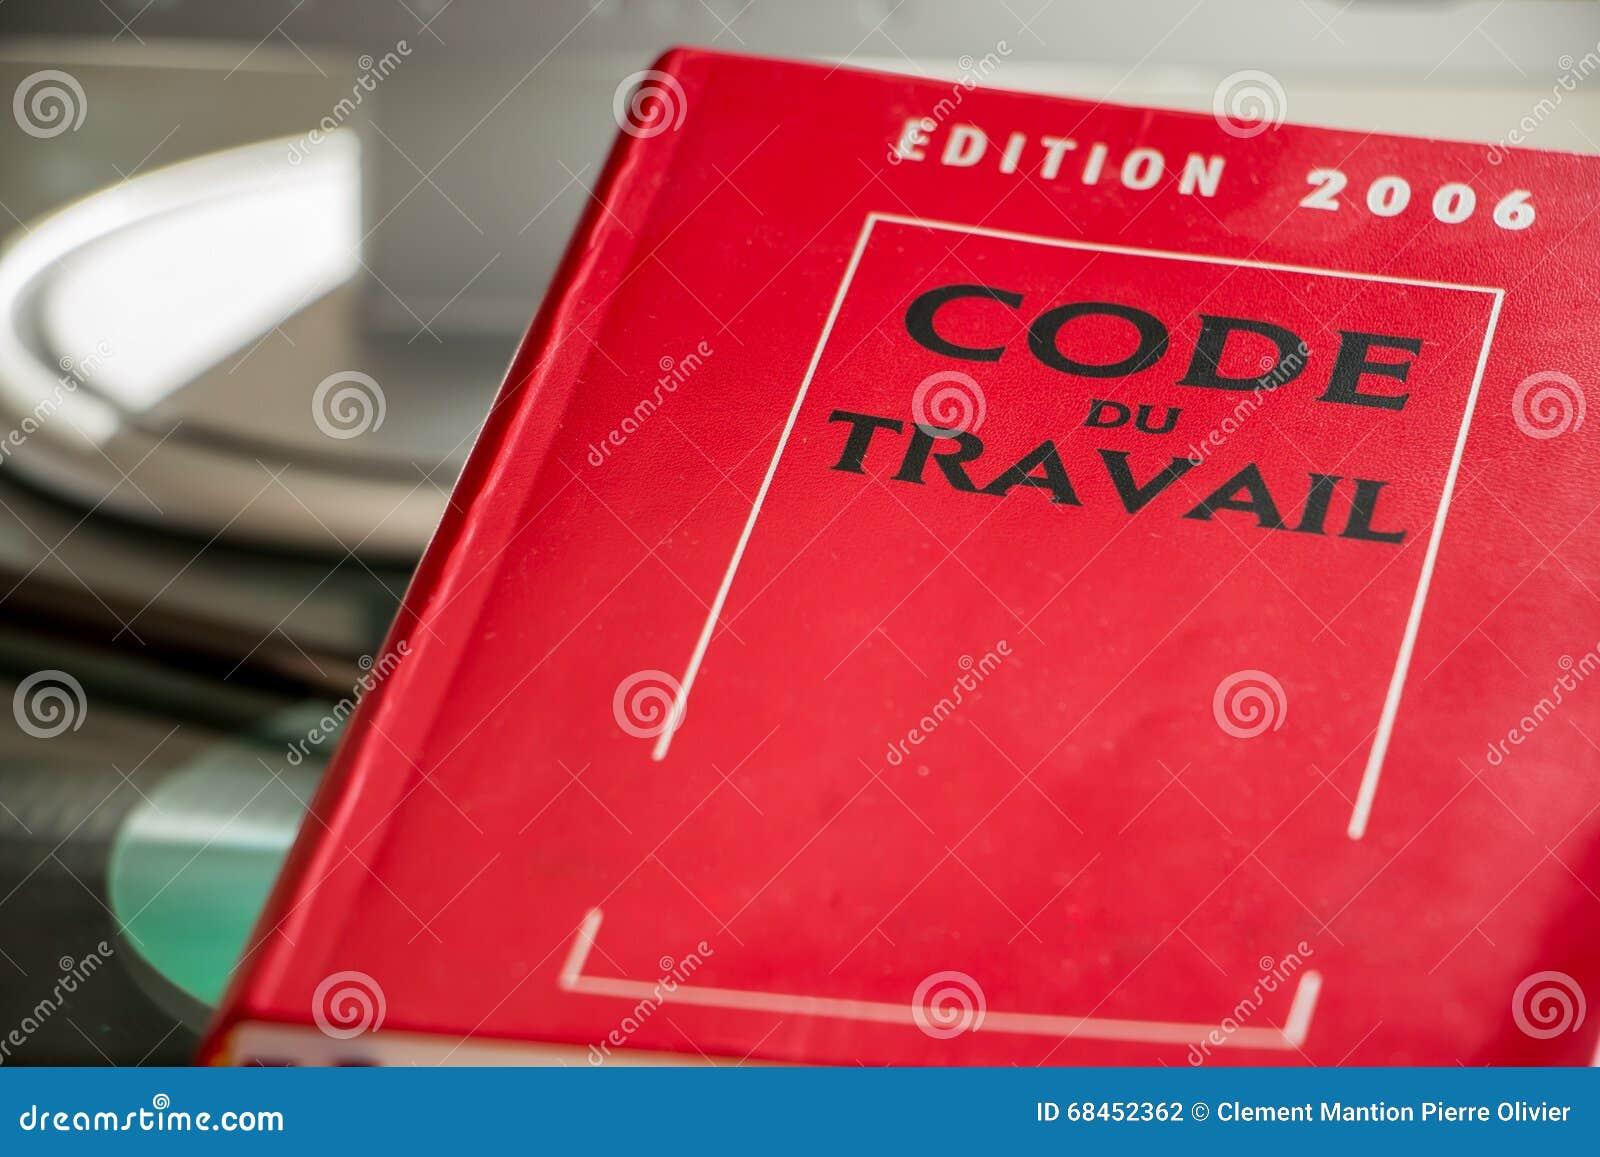 Frans arbeidssignaalboek